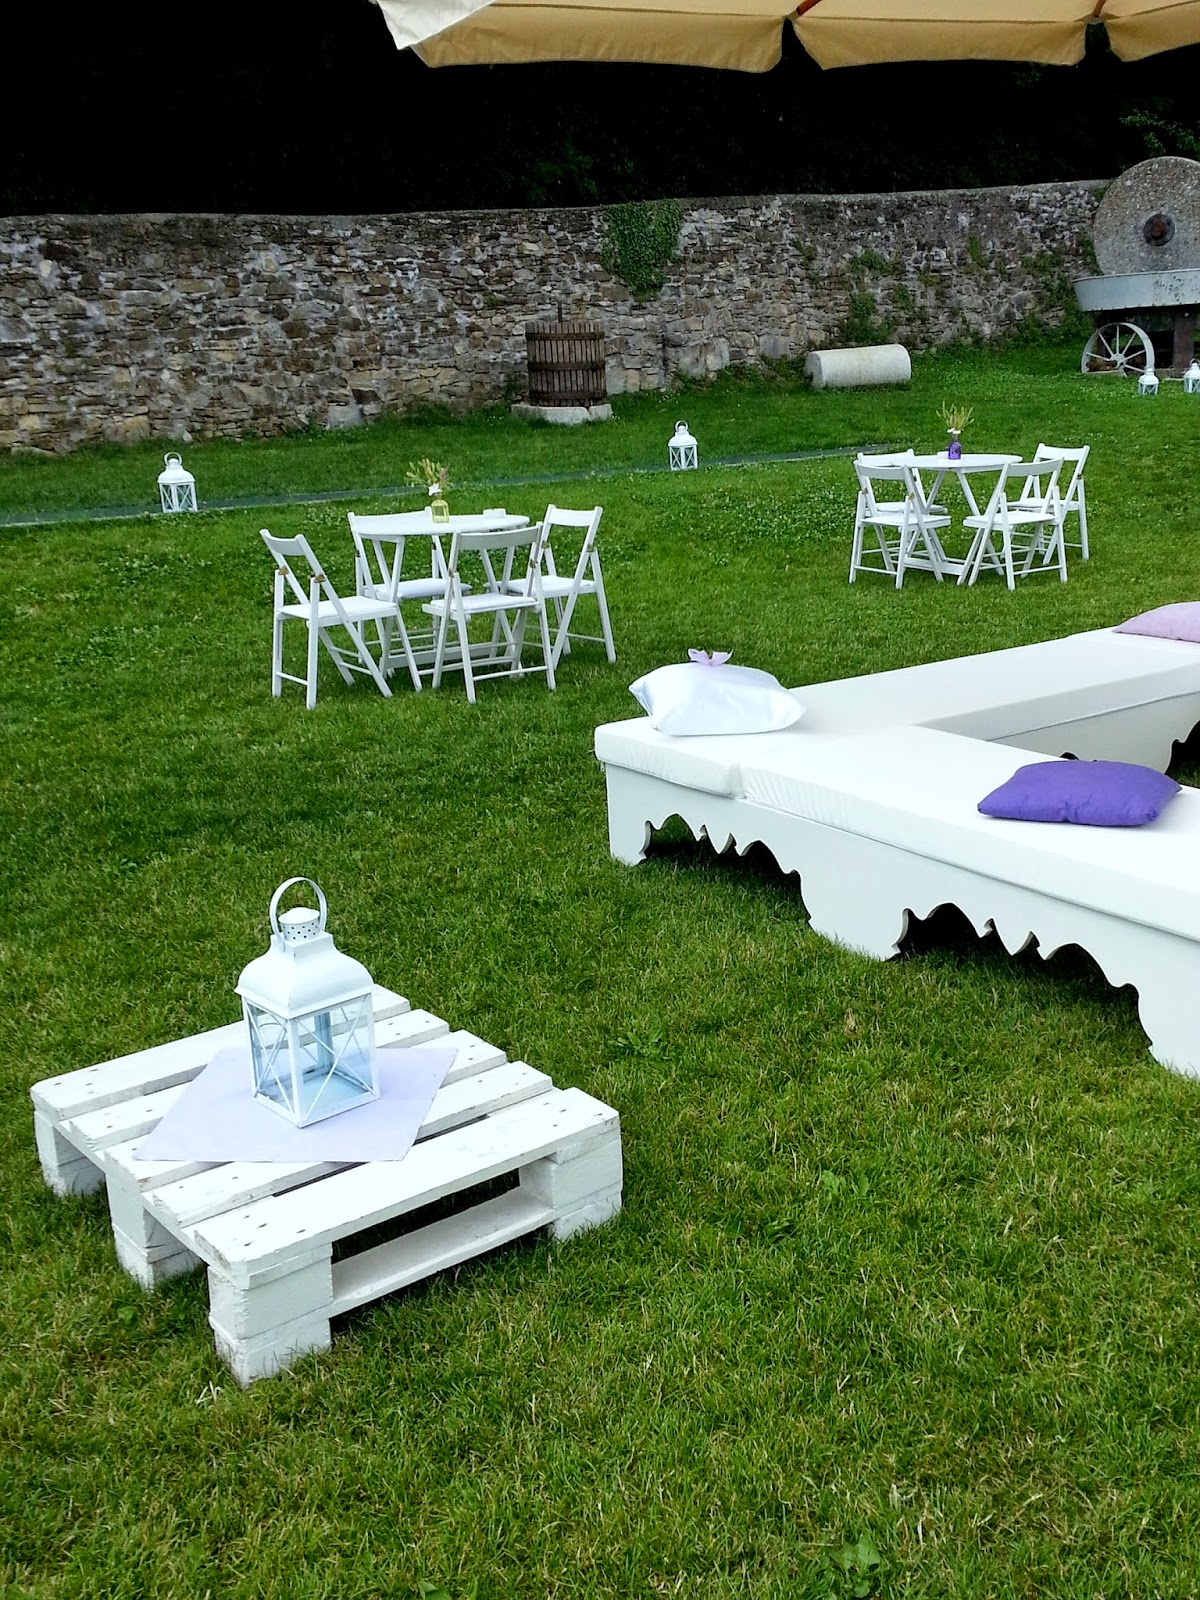 Salotto giardino ikea con vasche per pesci da giardino for Vasche pesci da giardino